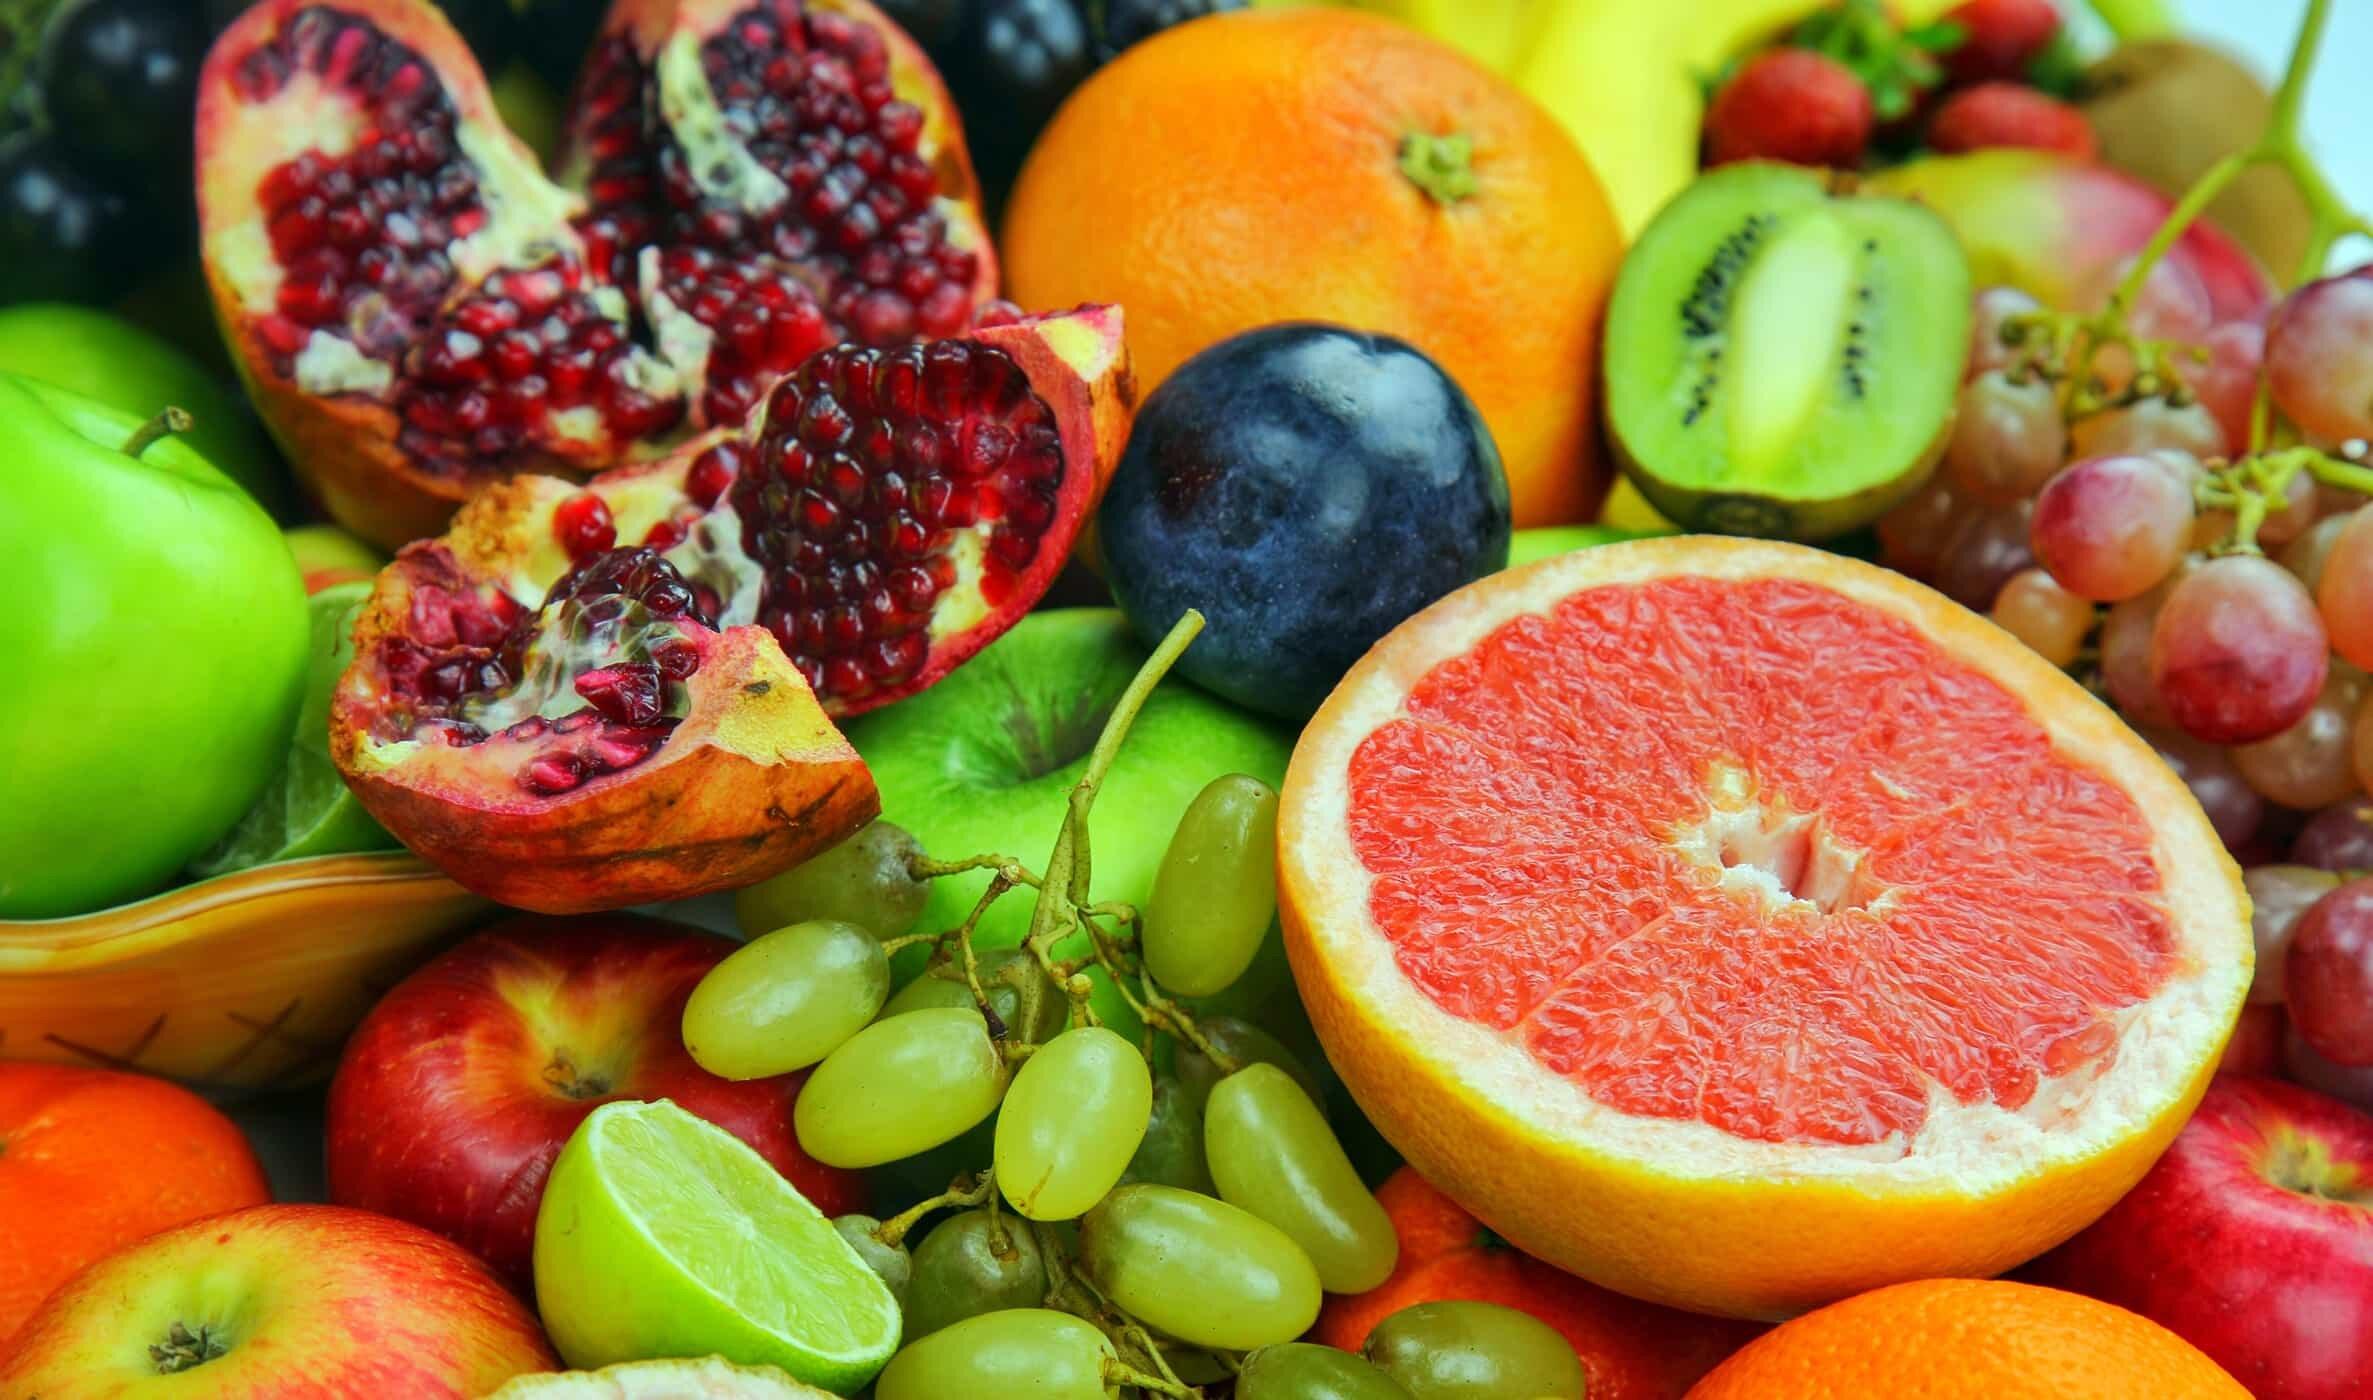 Trái cây không những cung cấp chất xơ mà còn các loại vitamin, khoáng chất tốt cho cả mẹ và bé